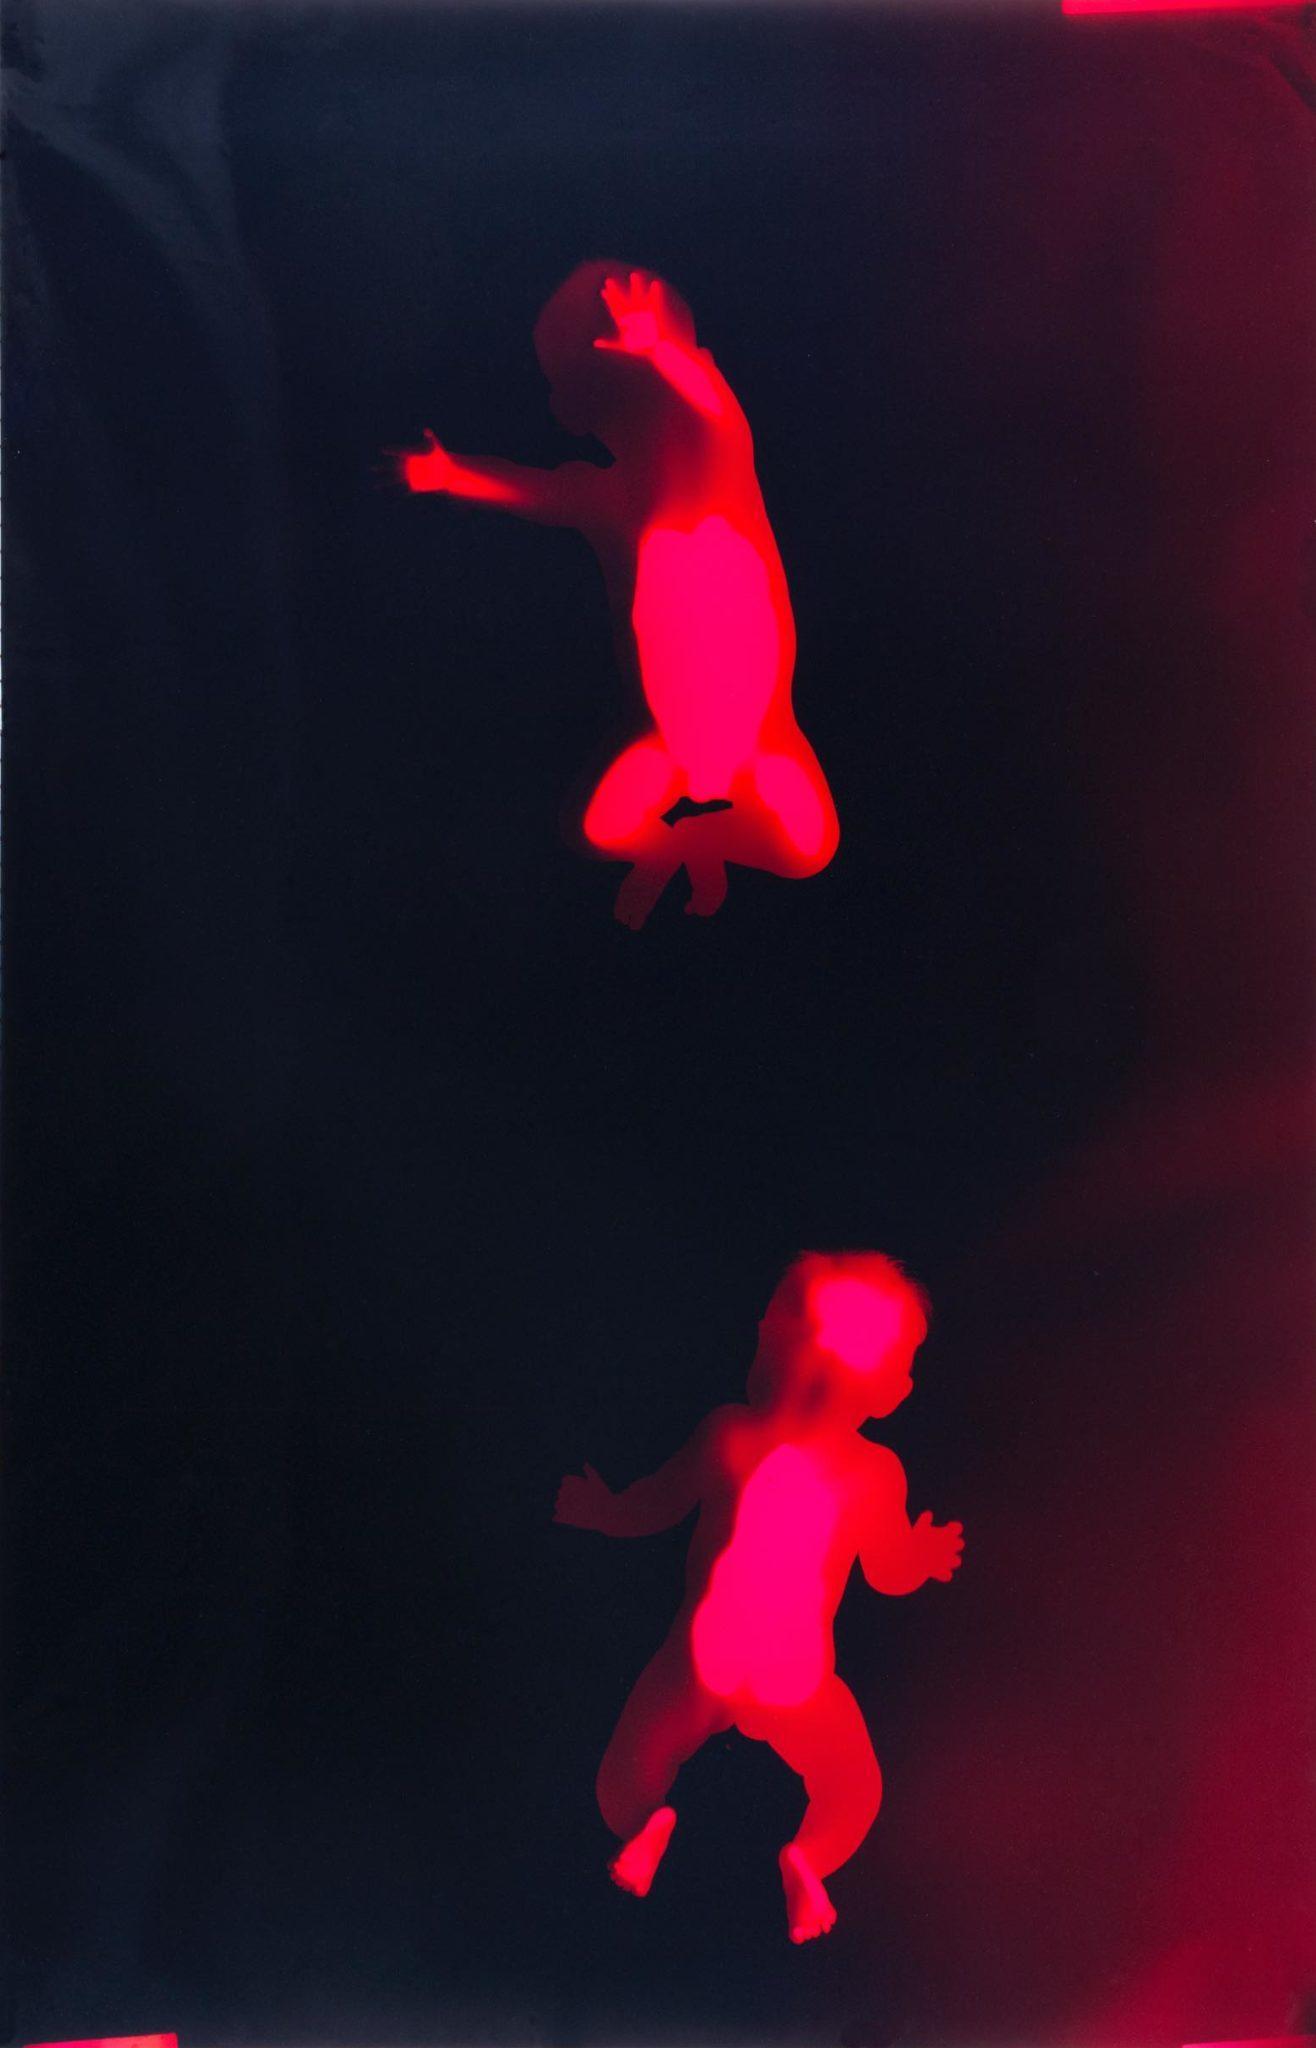 北野謙氏 展覧会「未来の他者/密やかなる腕」_b0187229_16031172.jpg